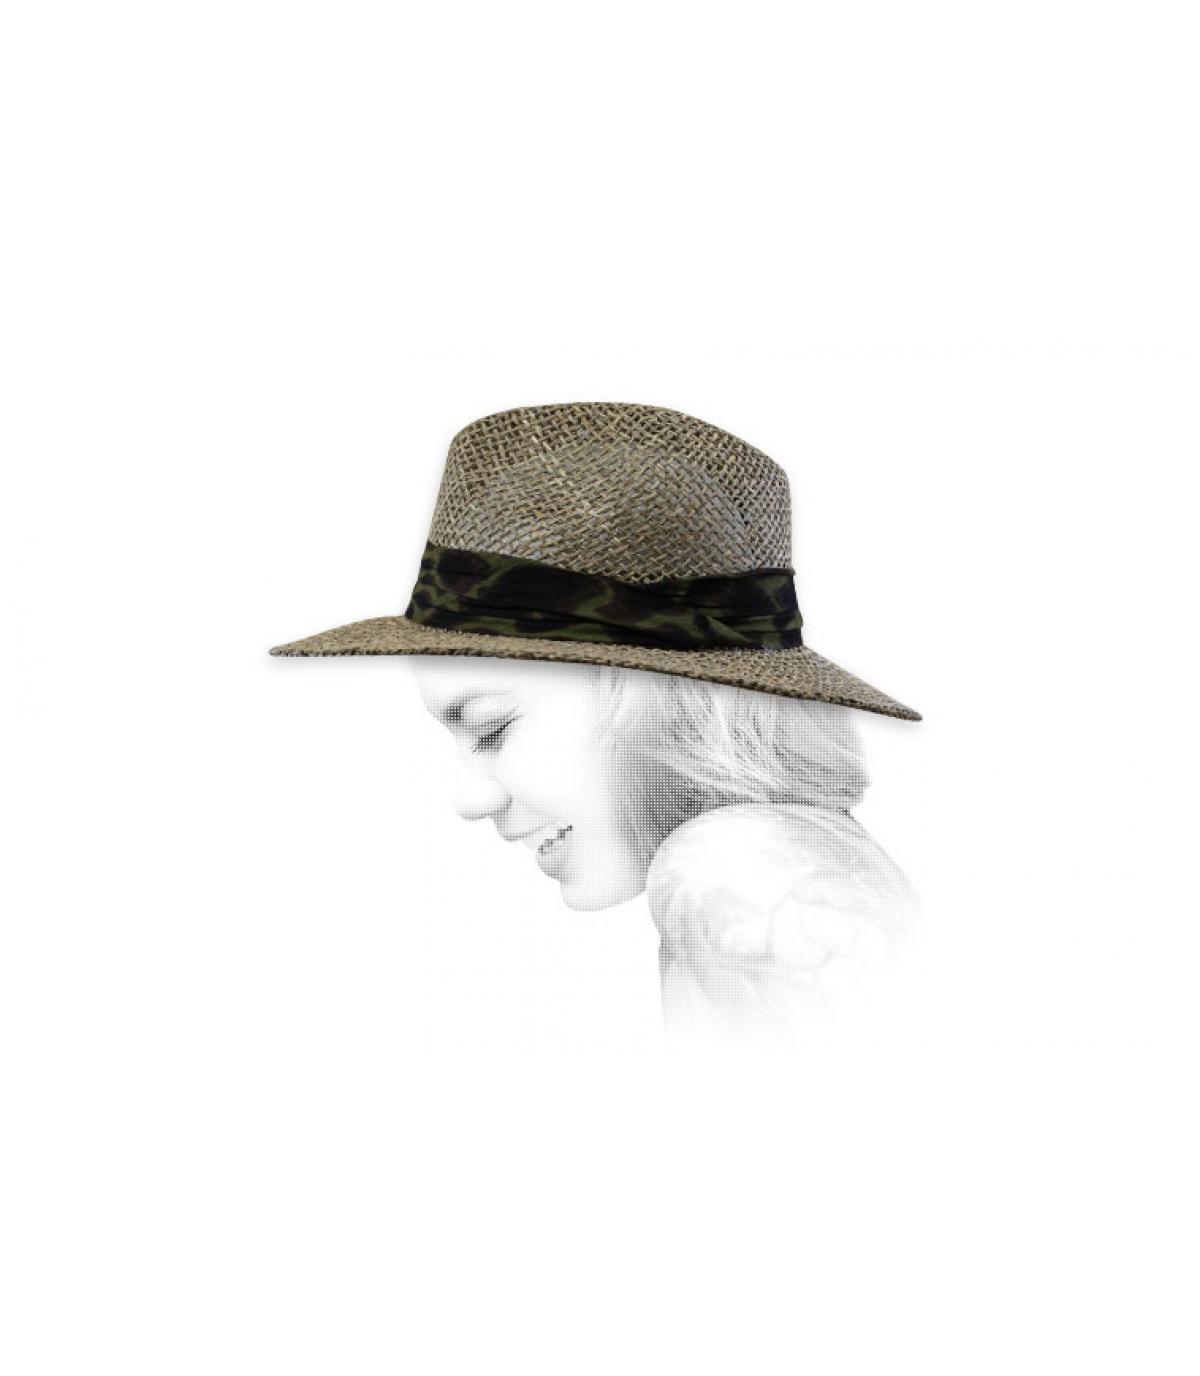 sombrero paja cinta estampada